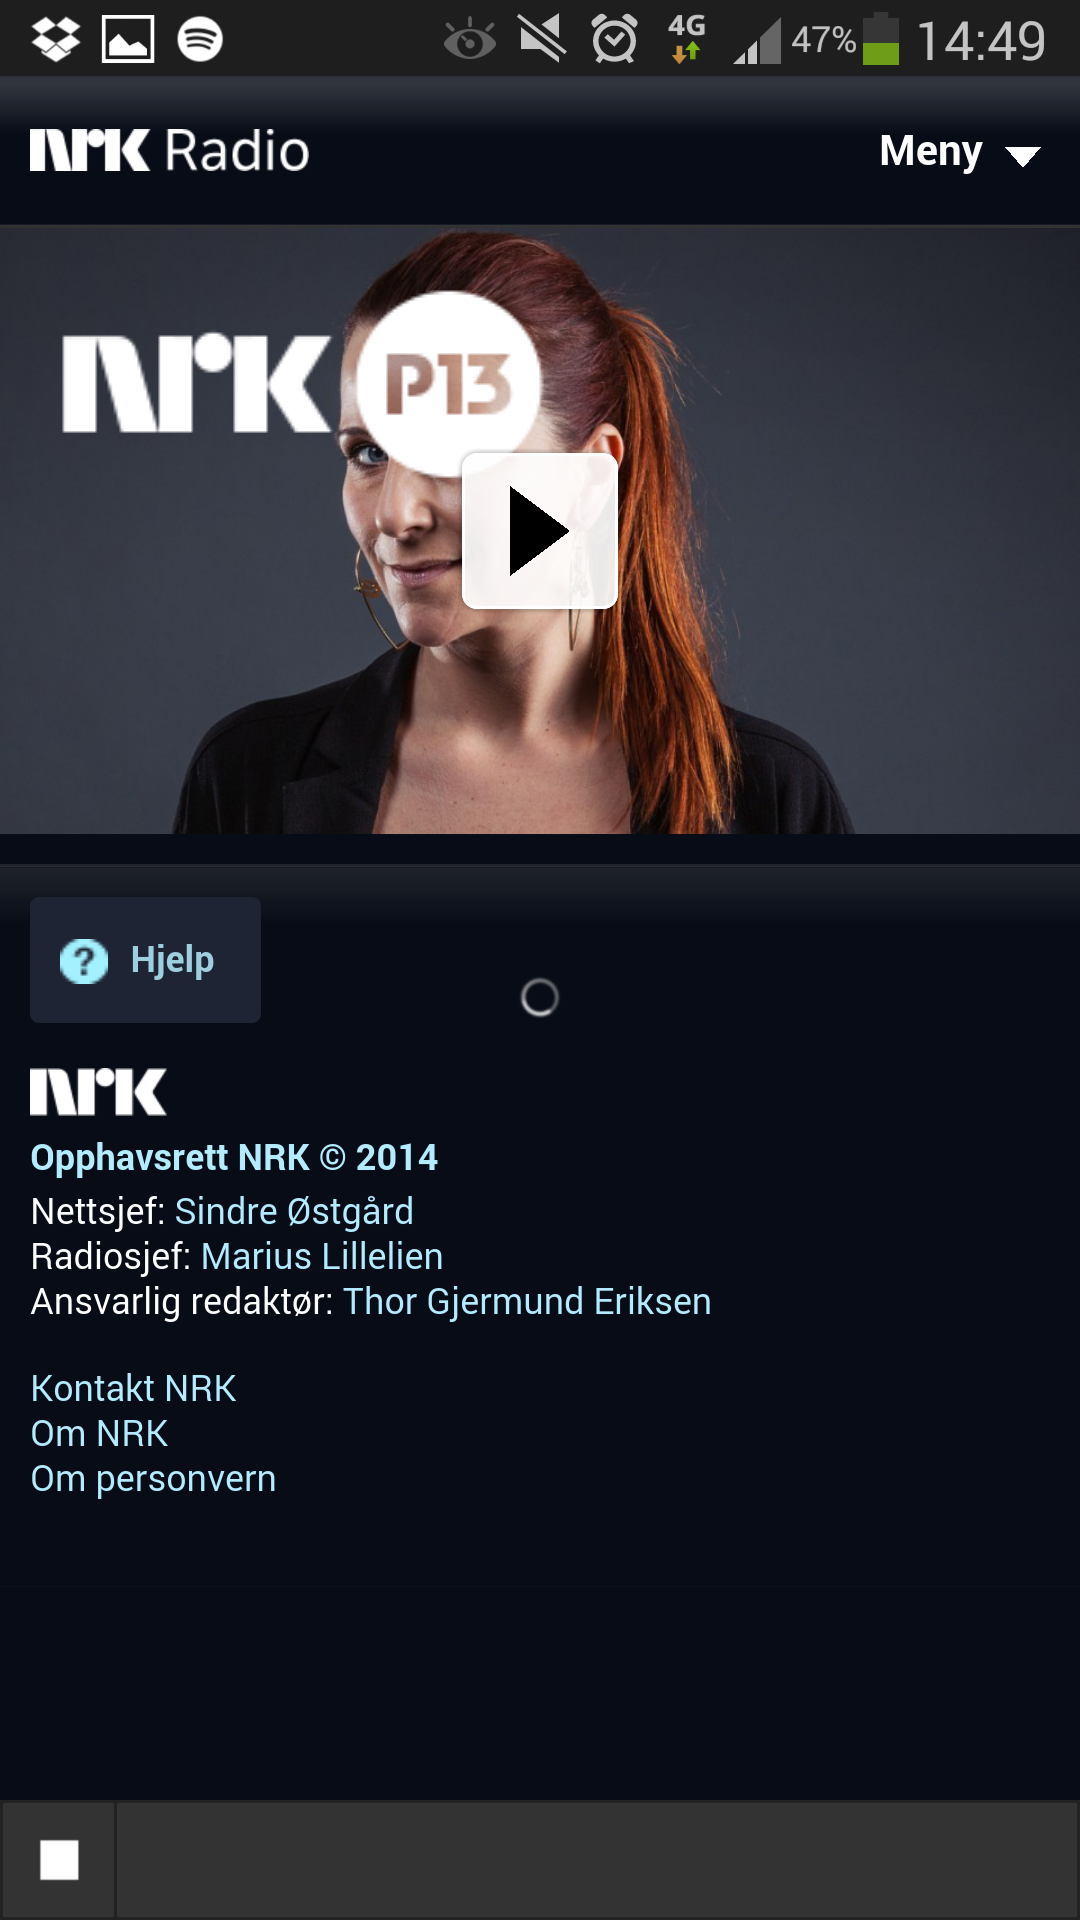 Det er ikke alle radio-apper som fungerer like bra. Dessverre er NRKs app en av disse. Det er for eksempel ikke opplagt om den er i ferd med å spille radio, eller om den har låst seg. To minutter etterpå, mens jeg jobbet med å få overført forrige skjermdump til skyen, begynte NRK-appen å spille. Det til tross for helt grei 4G-dekning, og ingen problemer med de andre appene. Foto: Finn Jarle Kvalheim, Amobil.no